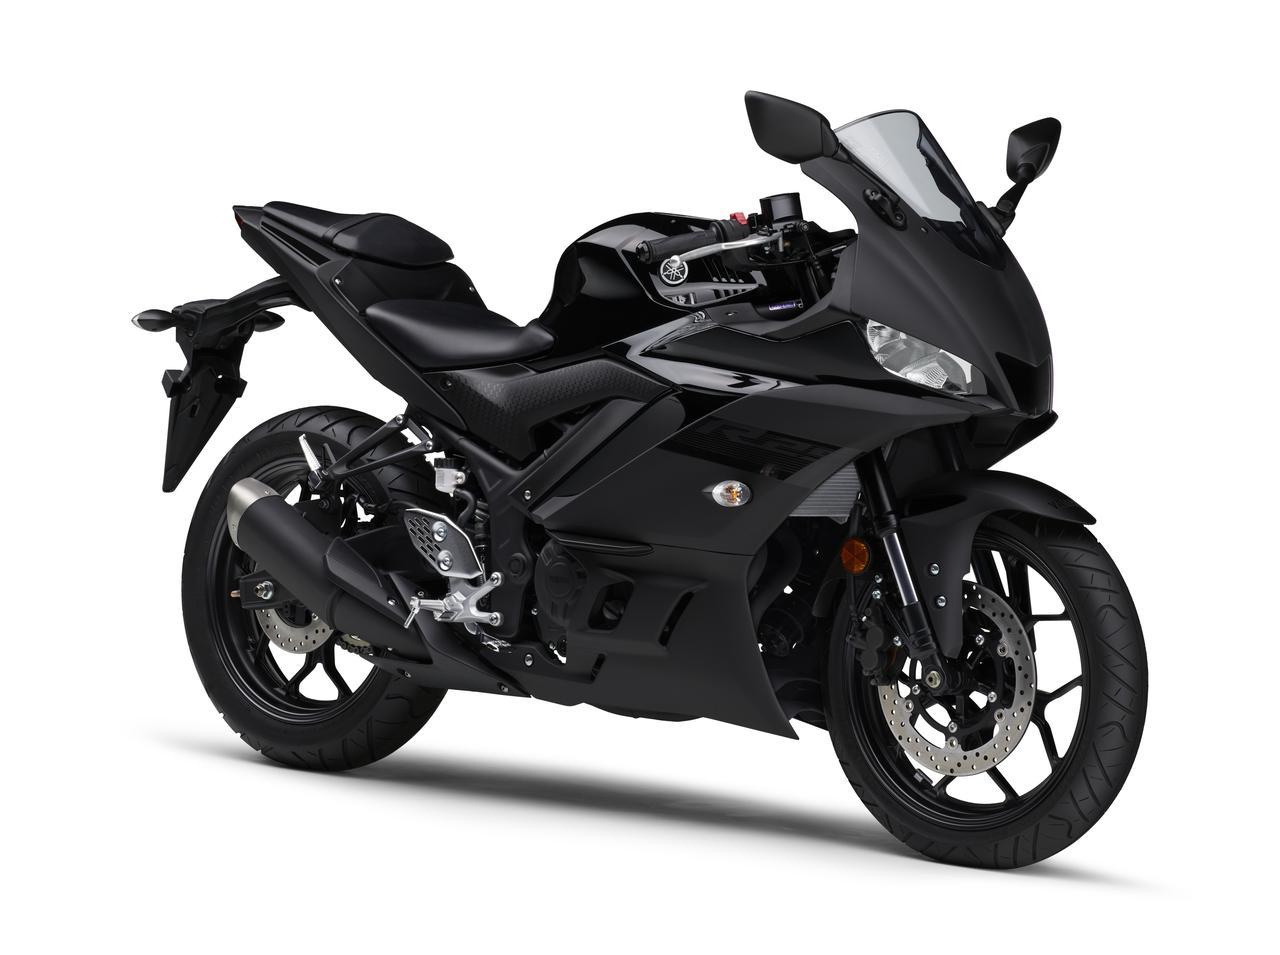 画像40: ヤマハ「YZF-R25/ABS」「YZF-R3 ABS」の2020年モデルが2月14日(金)発売! 3色展開で、すべてニューカラー!